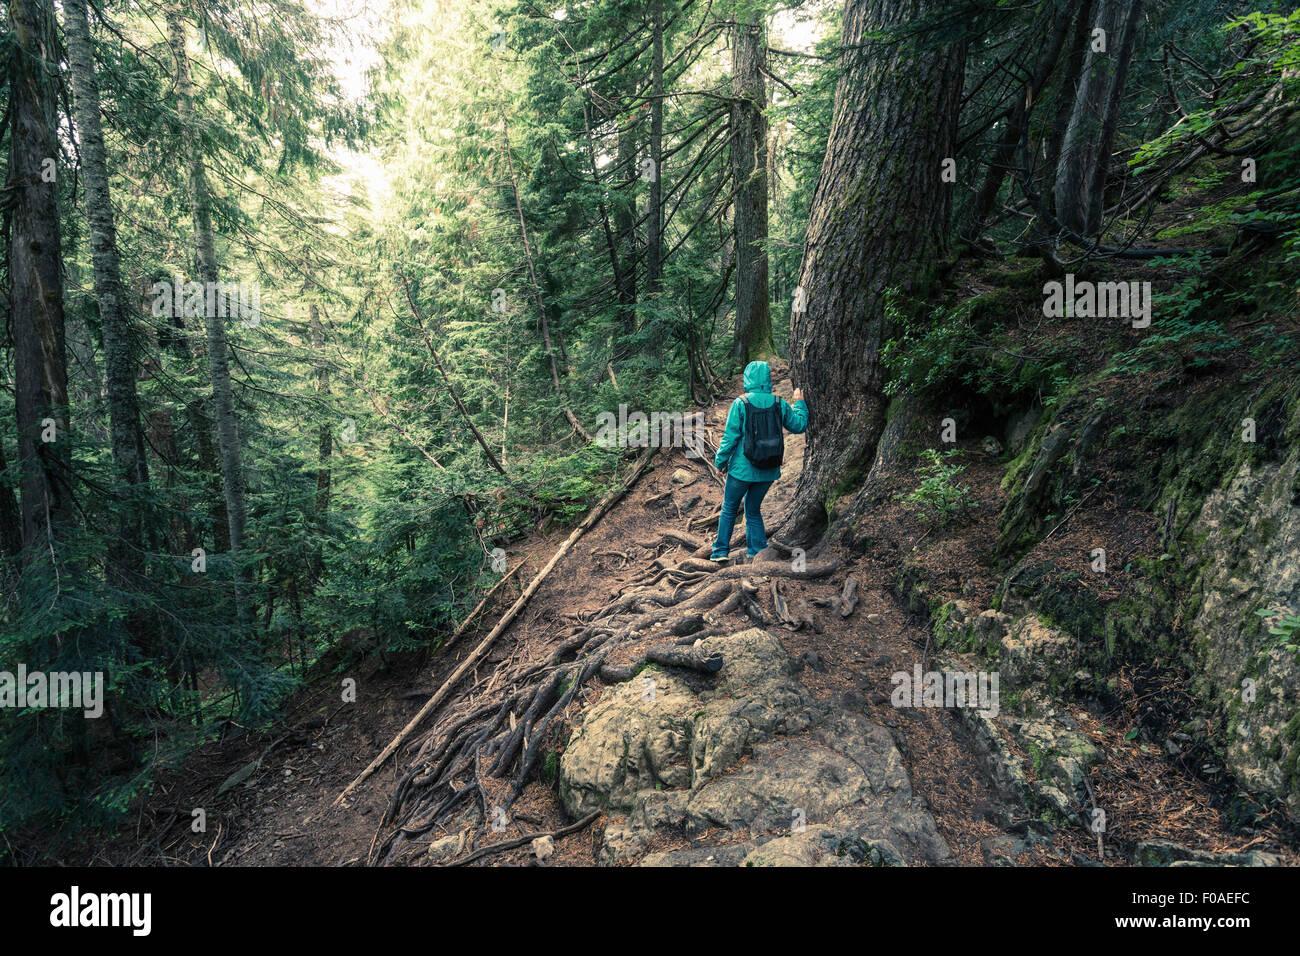 Vista posteriore di un escursionista femmina si sta spostando verso il basso ripida montagna foresta, British Columbia, Immagini Stock